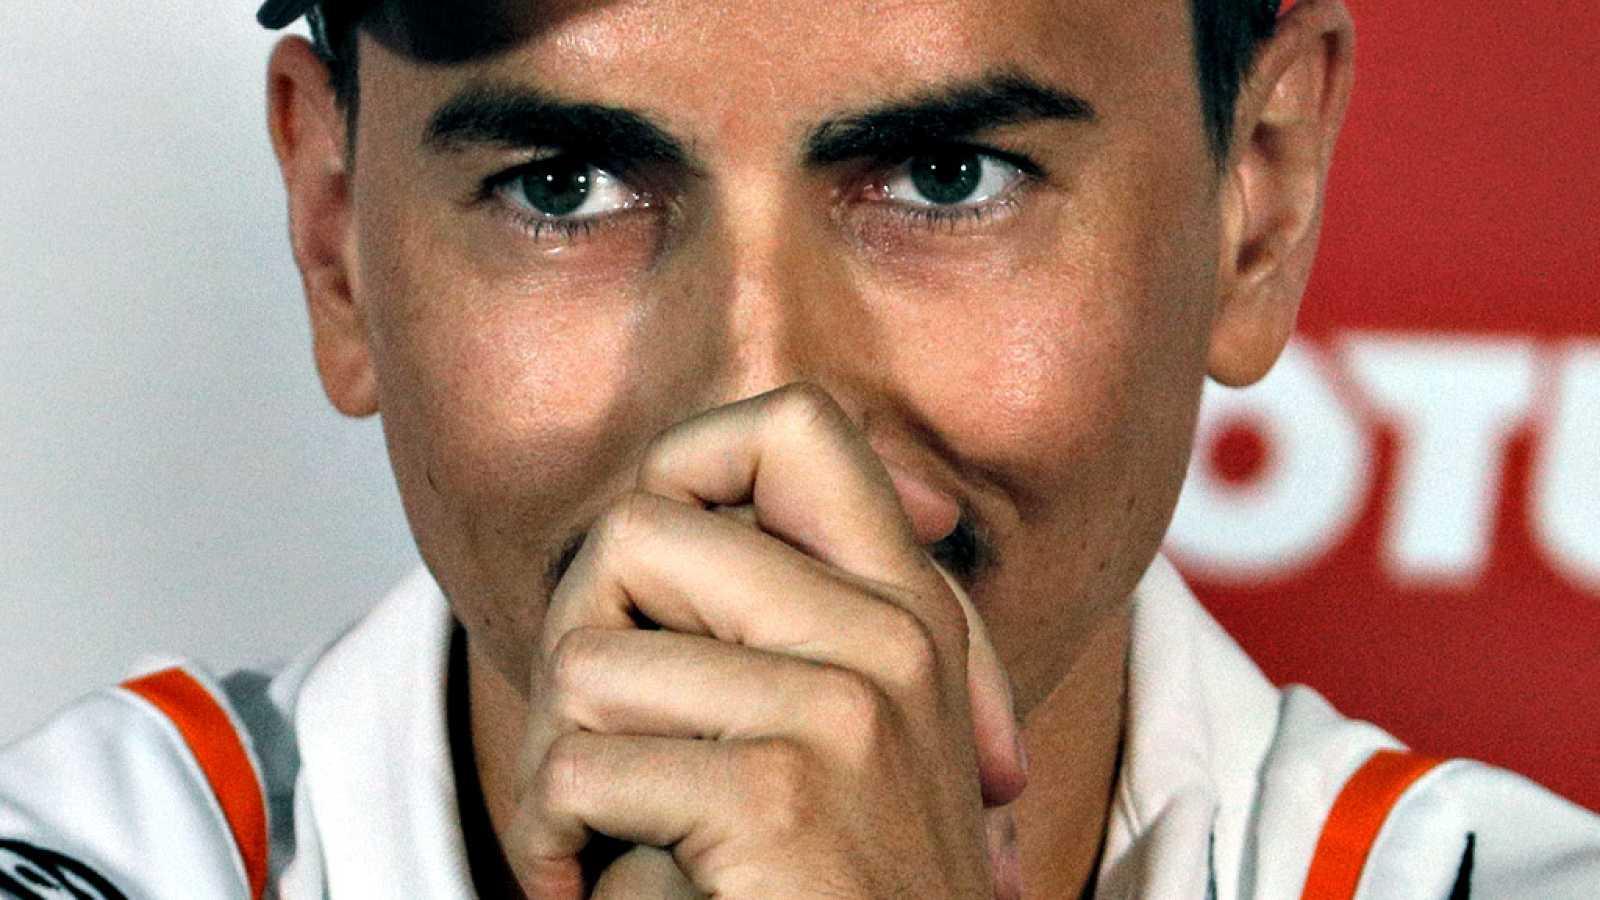 El piloto español Jorge Lorenzo confirmó este jueves su retirada del motociclismo después del Gran Premio de la Comunitat Valenciana que se disputa este fin de semana en el Circuit Ricardo Tormo.